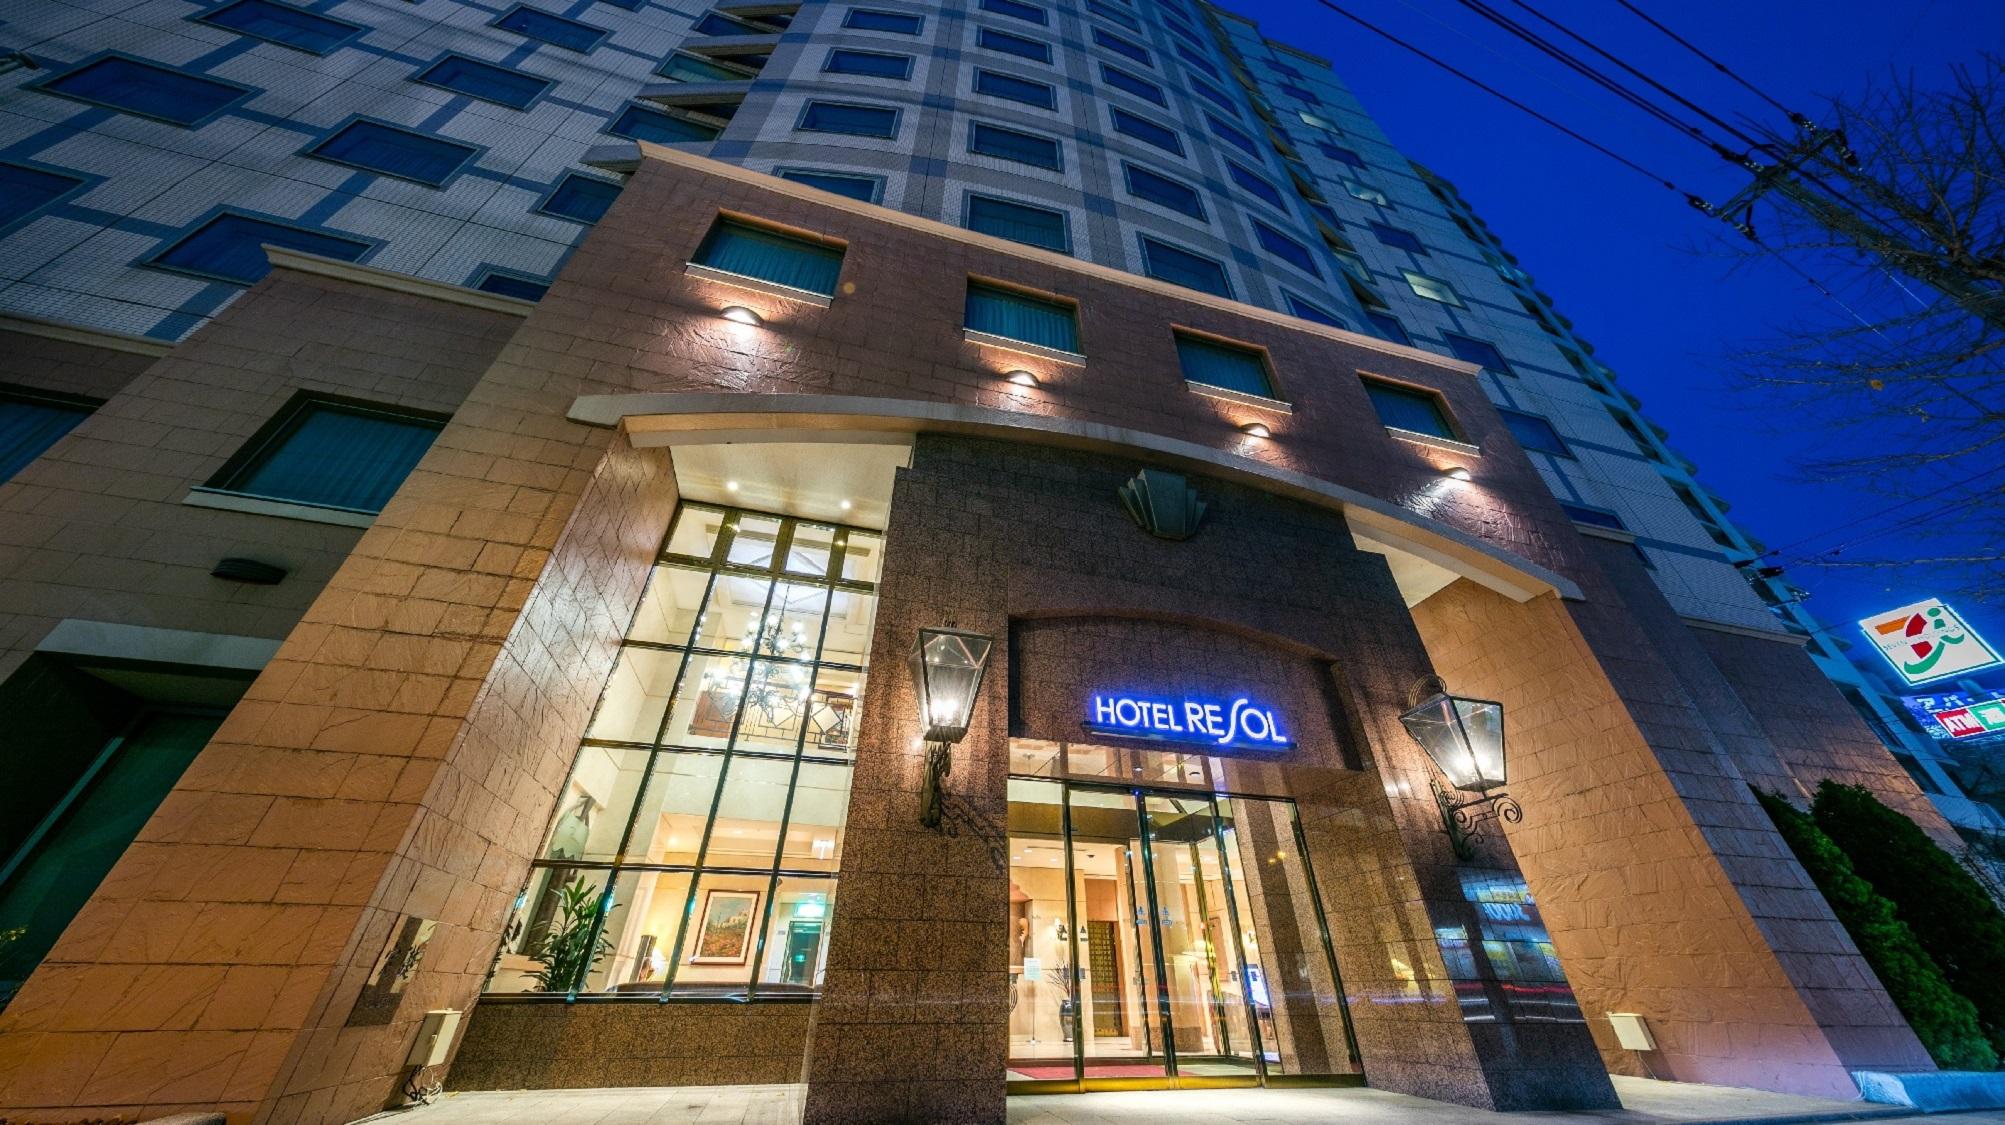 ホテル リソル 札幌中島公園◆楽天トラベル